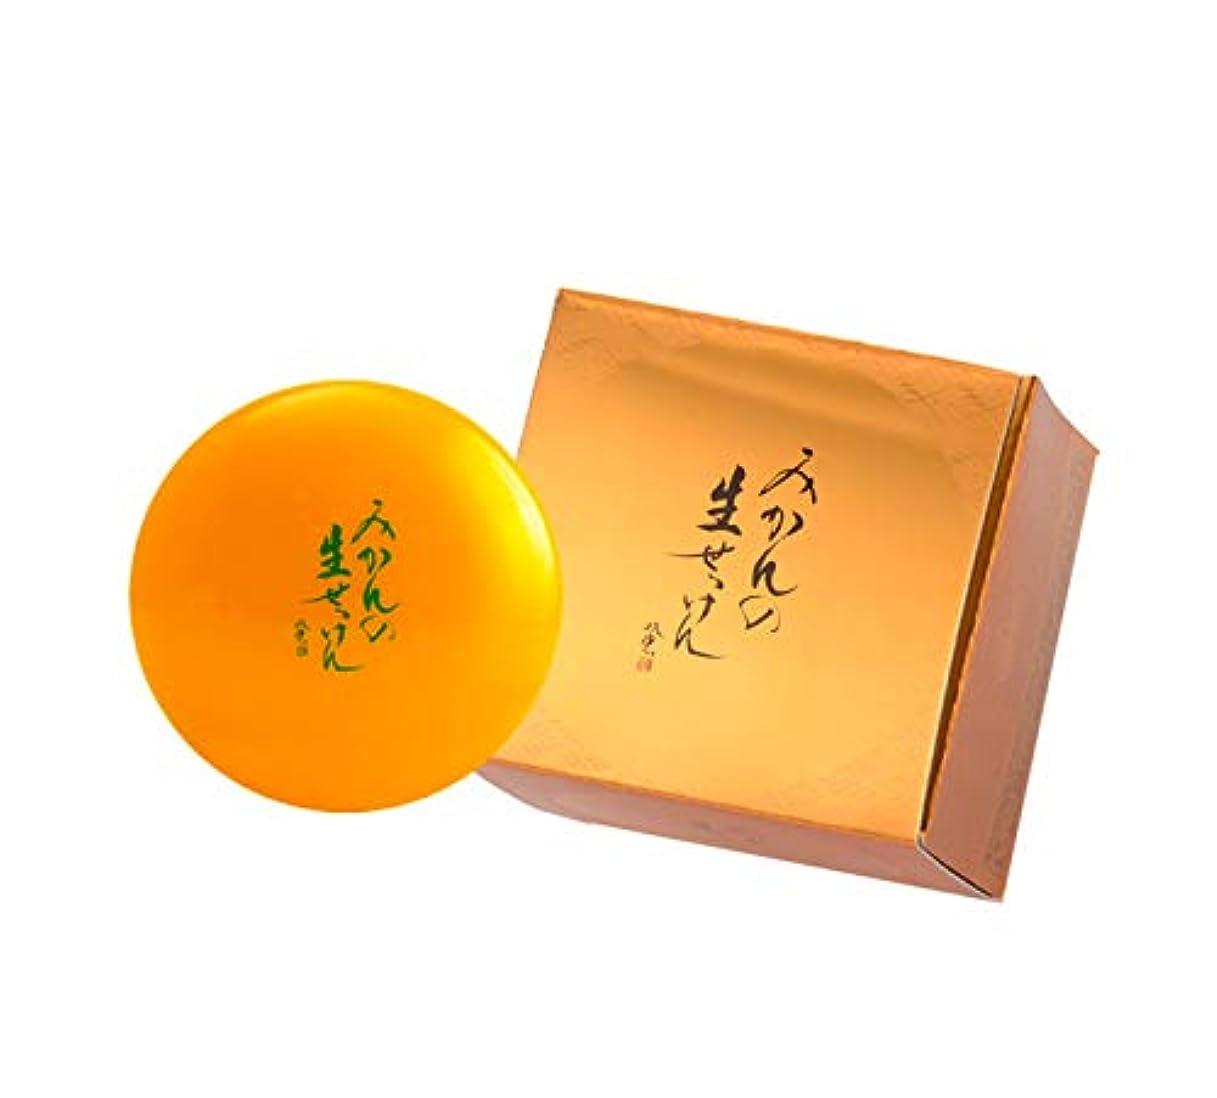 腕挨拶サークルUYEKI美香柑みかんの生せっけん120g×3個セット